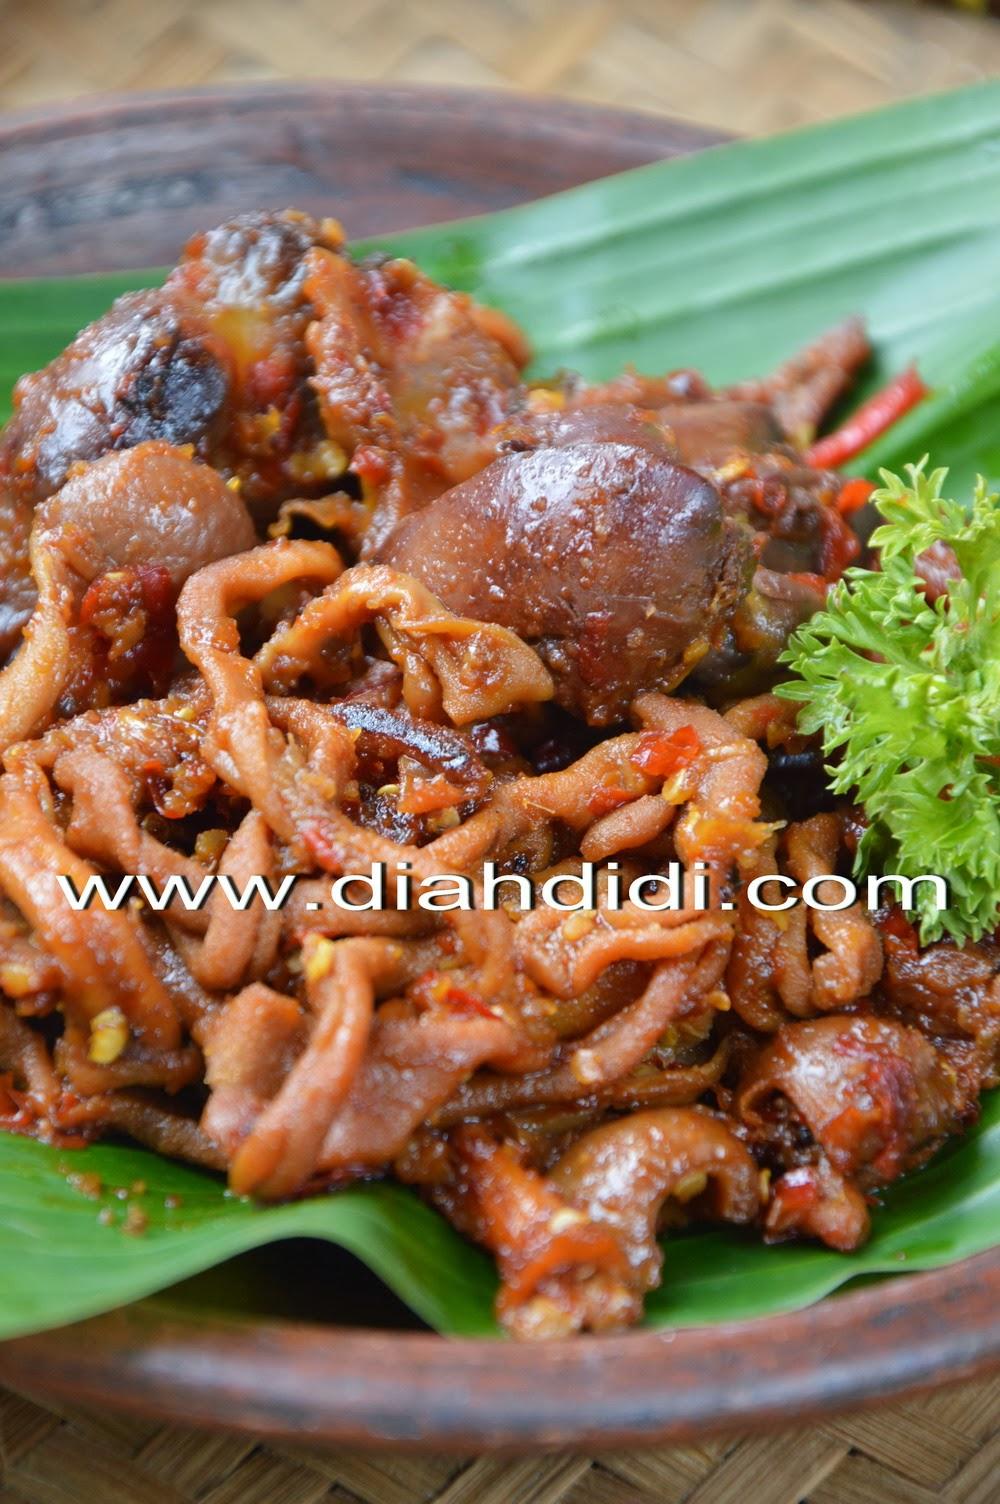 Resep Masak Jeroan Ayam : resep, masak, jeroan, Didi's, Kitchen:, Ampela, Bumbu, Pedas, Manis